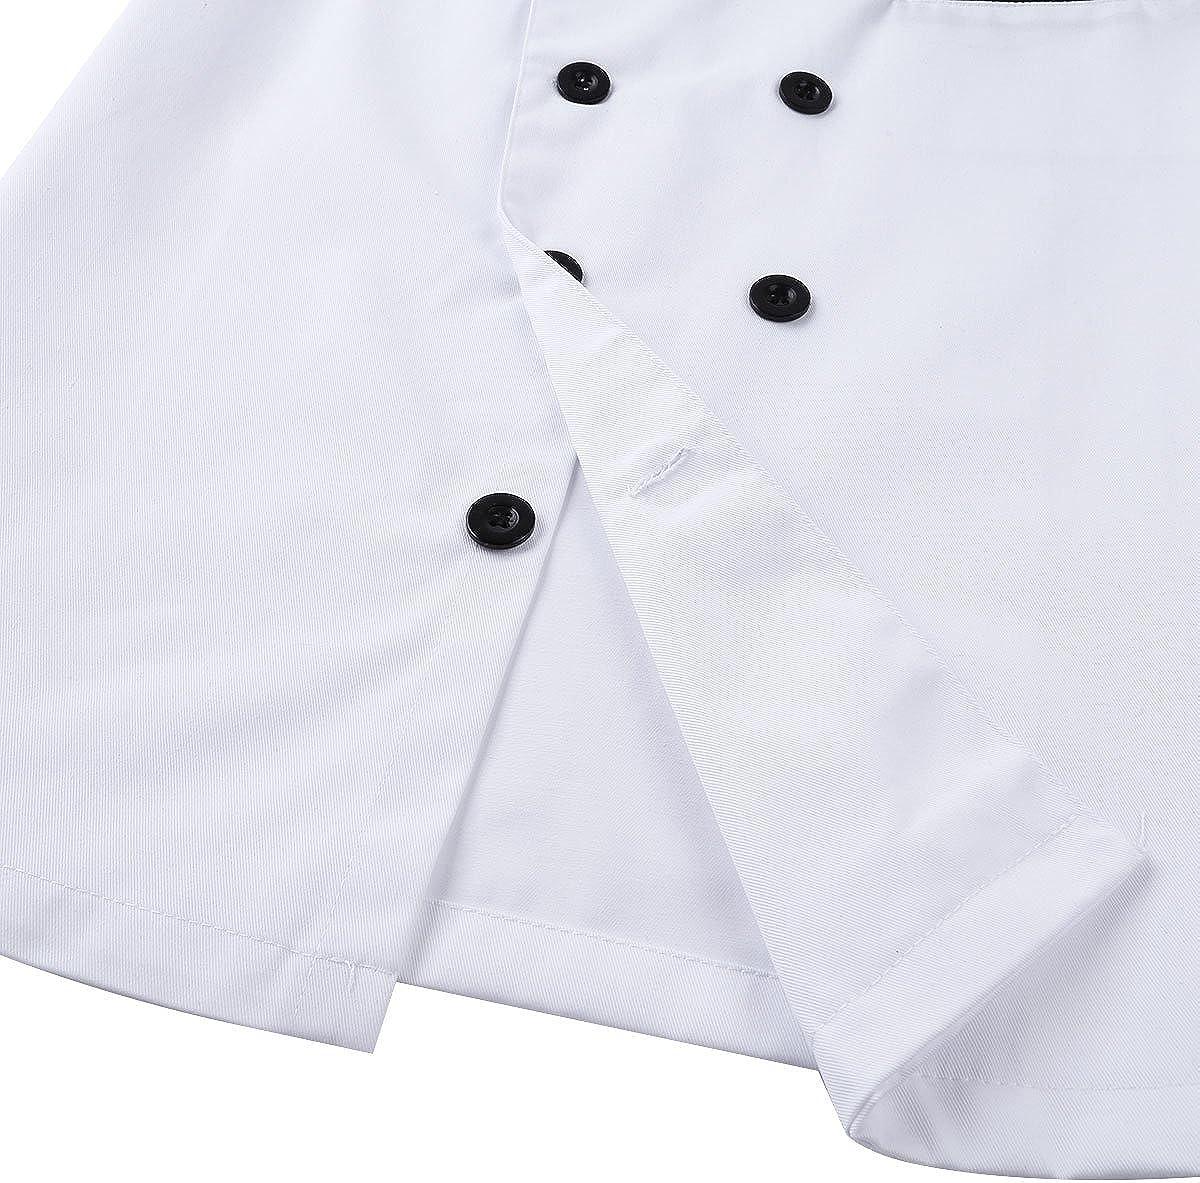 Freebily Unisex Giacca da Cuoco Manica Corta Taglie Forti Casacca da Cucina Cotone Camicia da Pizzeria Ristorante Forno Pizzetteria Giacca da Chef Uomo Bianca//Nera M-XXXL